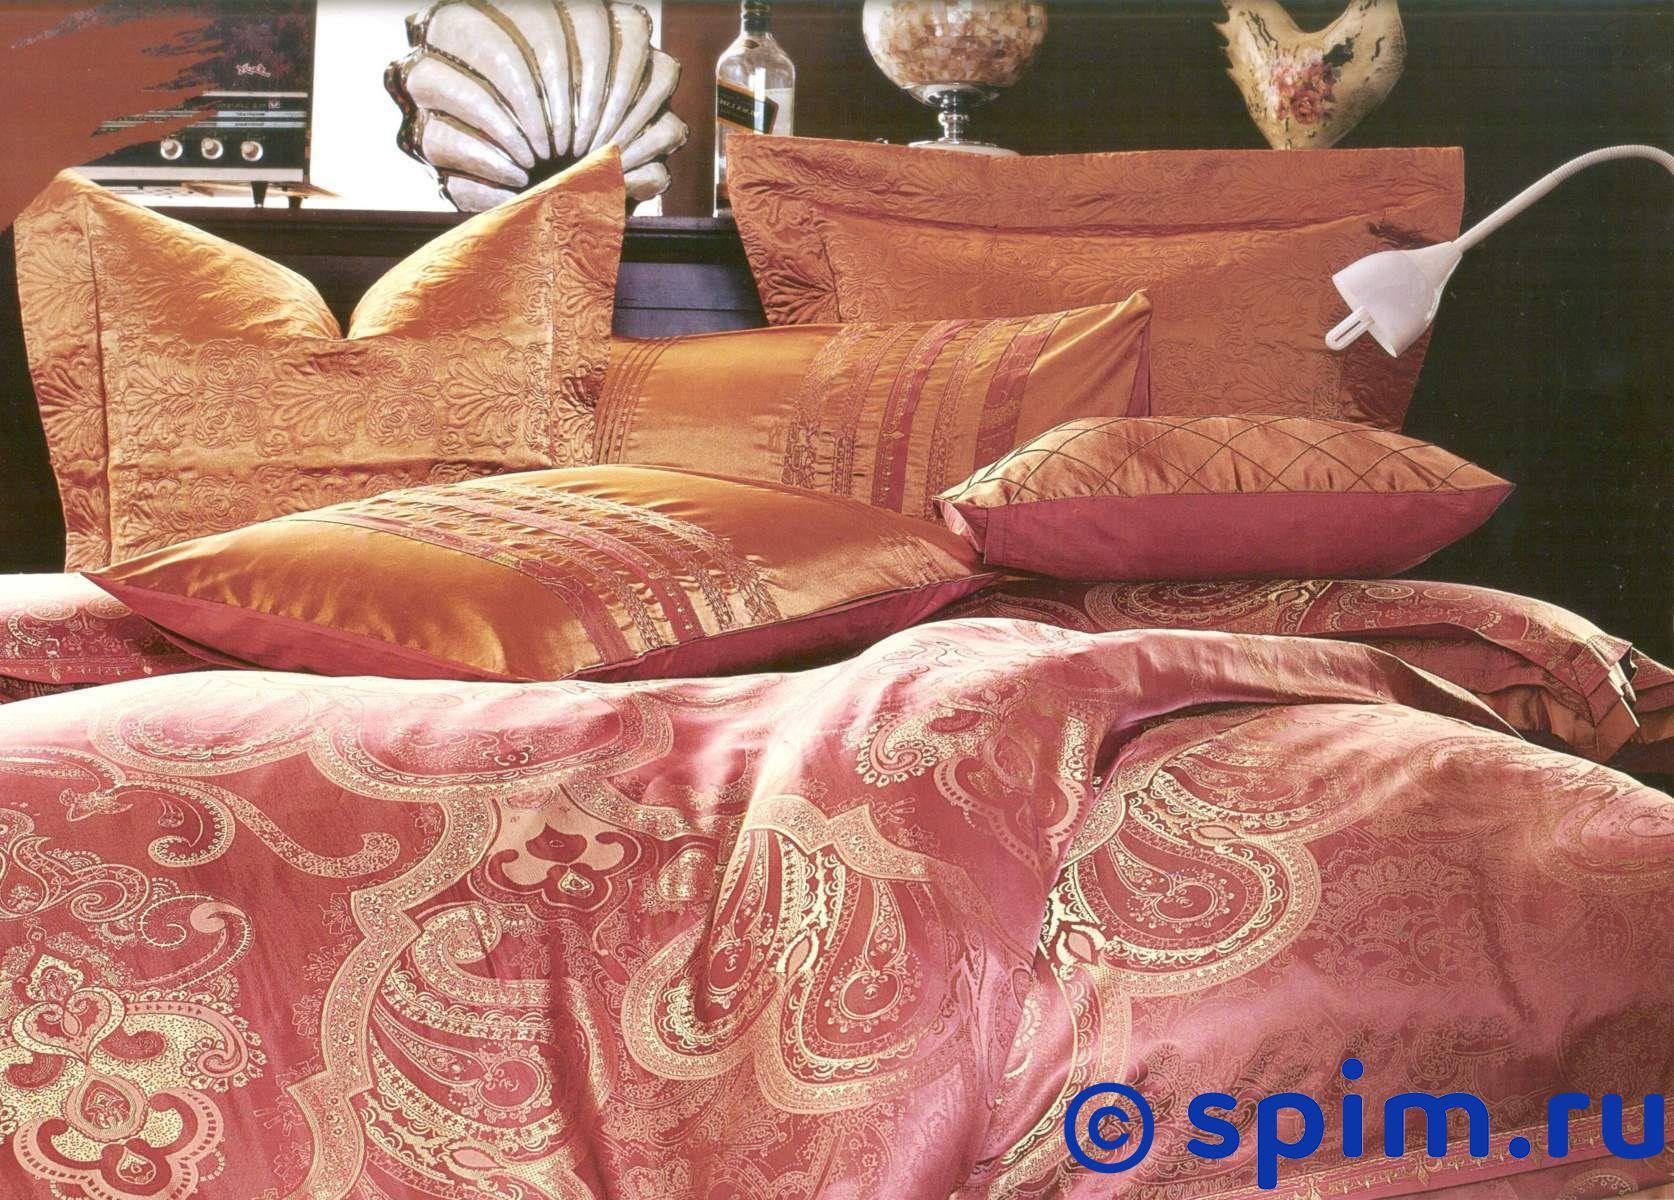 Комплект СайлиД К64 Евро-стандартЖаккардовое постельное белье СайлиД<br>Материал: простыня, нижняя часть пододеяльника и 2 наволочки из 100% хлопка (сатина); верхняя часть пододеяльника и 2 наволочки из жаккарда с вискозой. Плотность, г/м2: 140. Размер : Евро-стандарт<br><br>Размер: Евро-стандарт